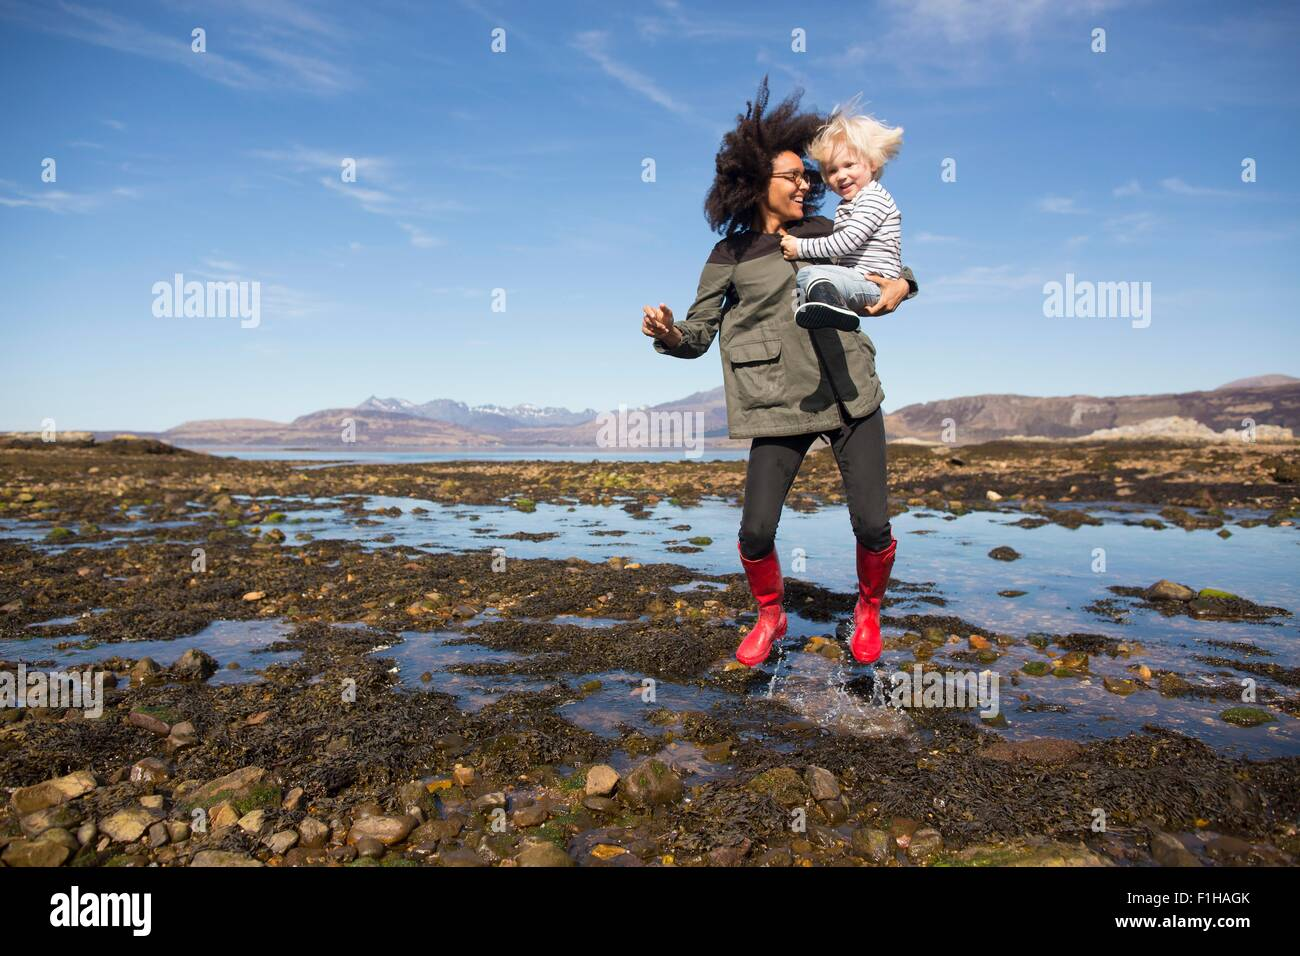 Madre sosteniendo hijo saltando en Loch Eishort, Isla de Skye, Hébridas, Escocia Imagen De Stock